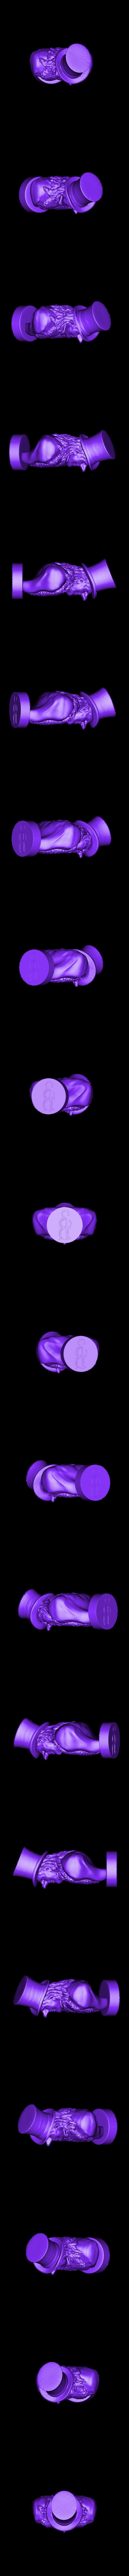 Penguin1_nostogie.stl Download STL file Who's Holding the Umbrella? • 3D print design, 3rdesignworks